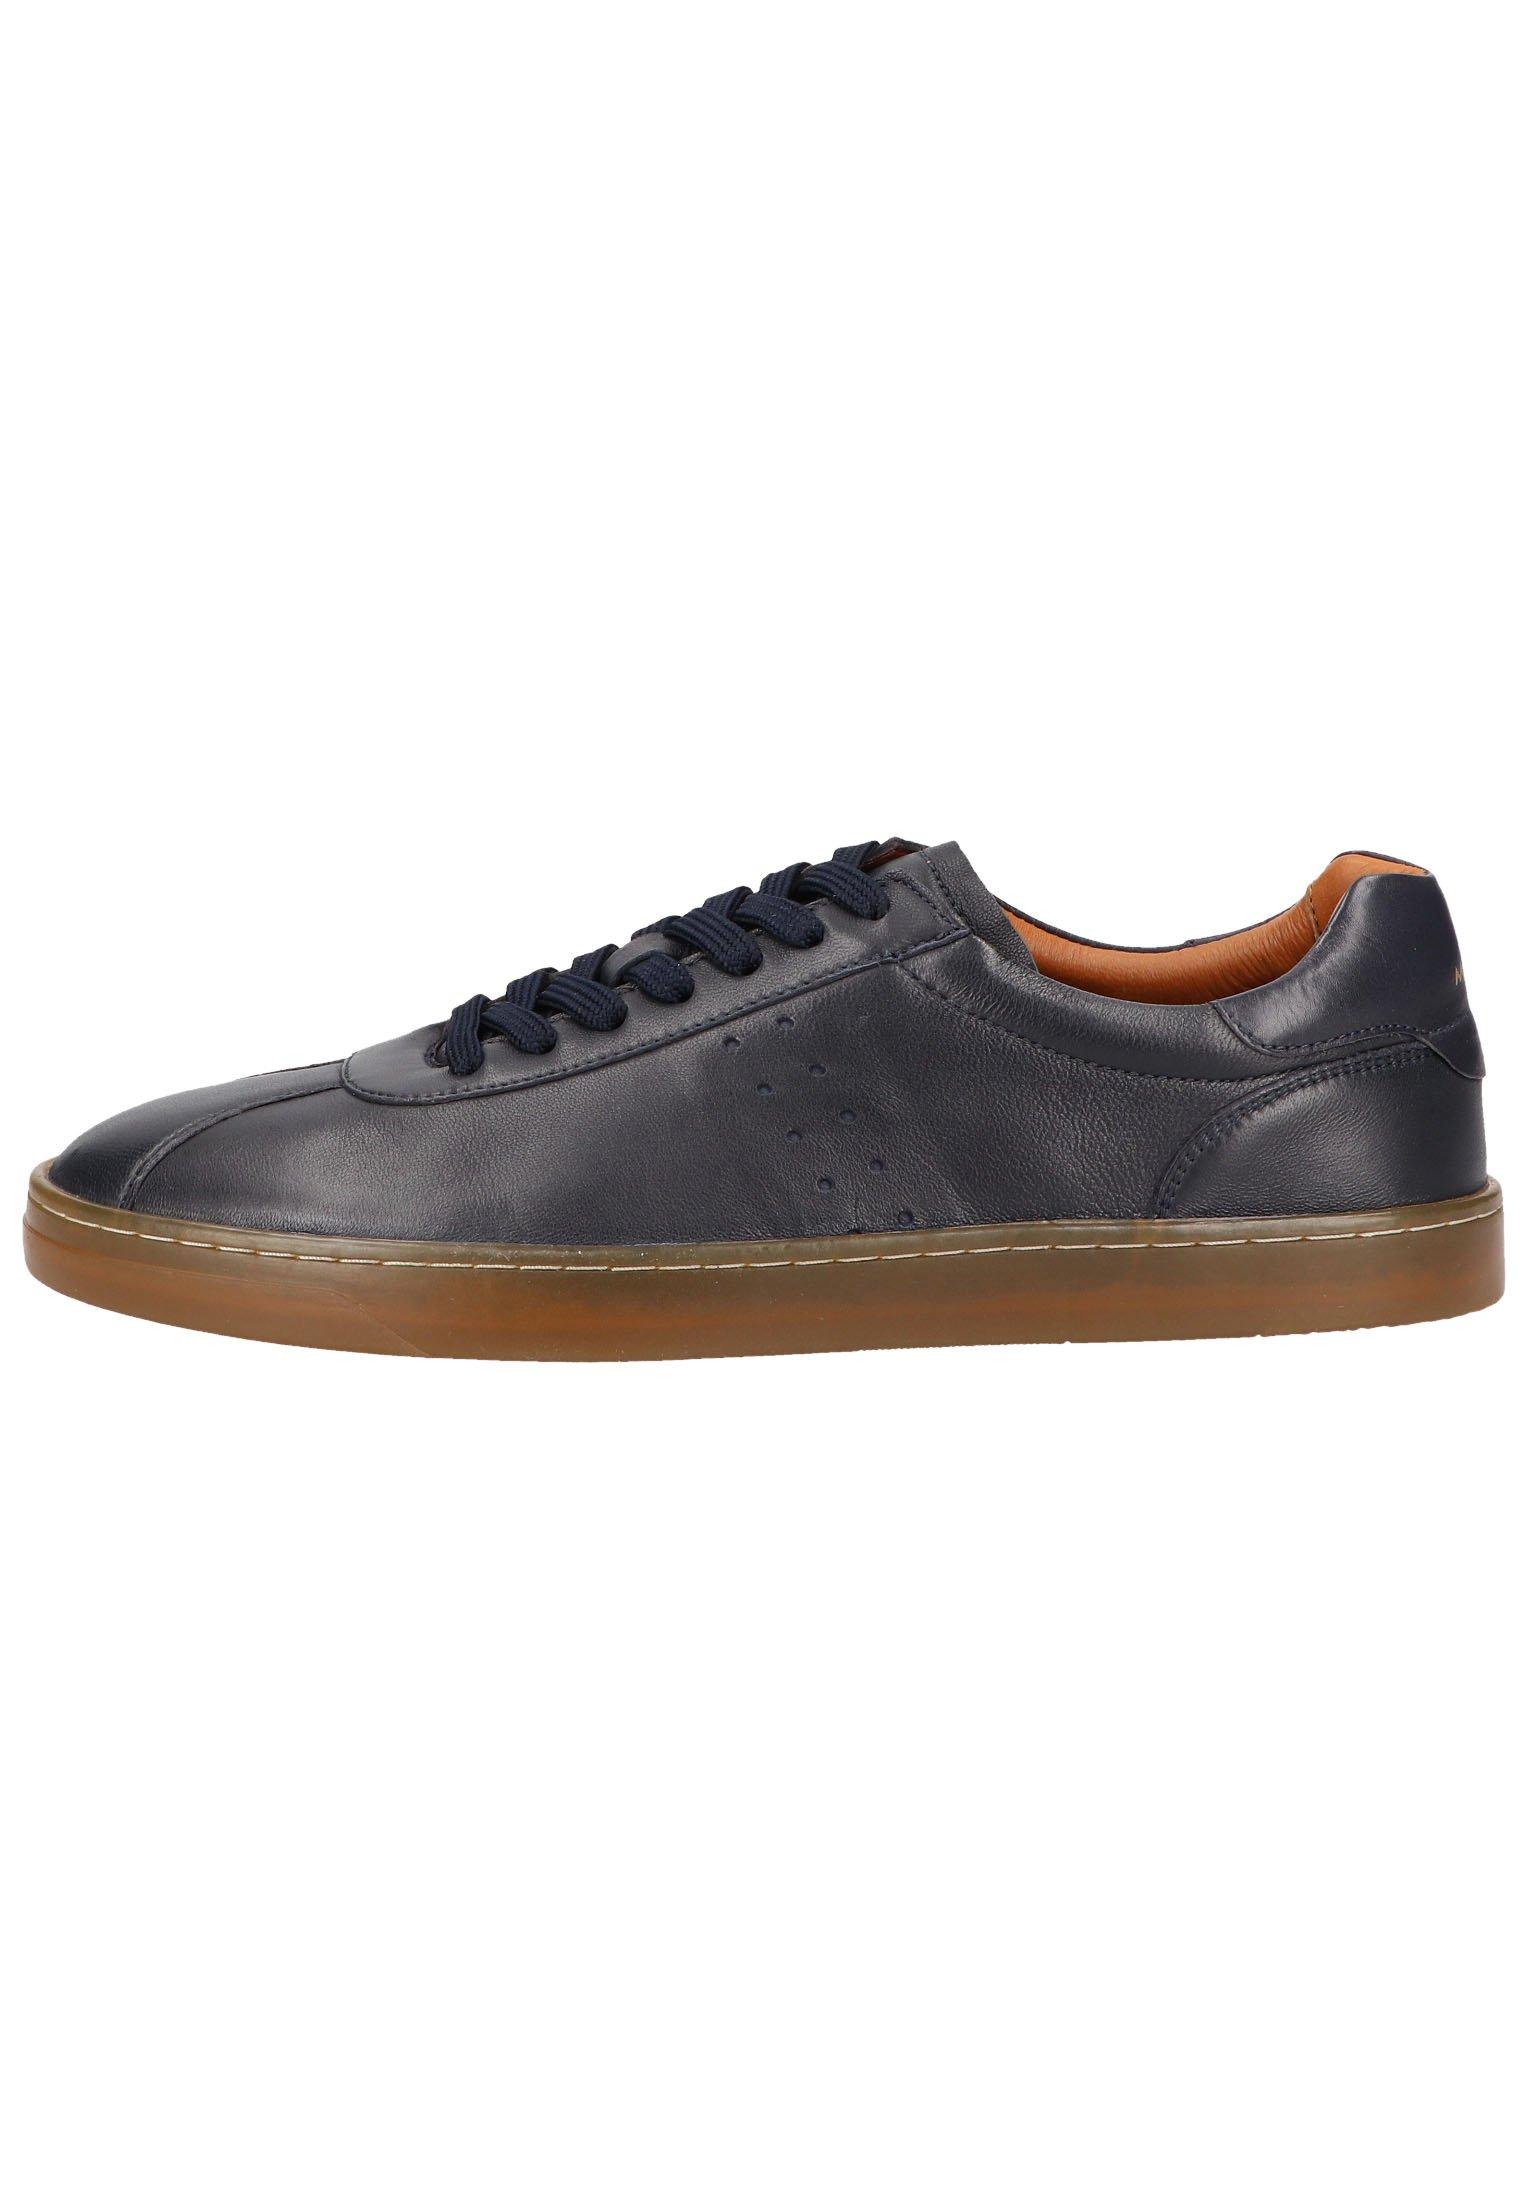 Herren Sneaker low - navy